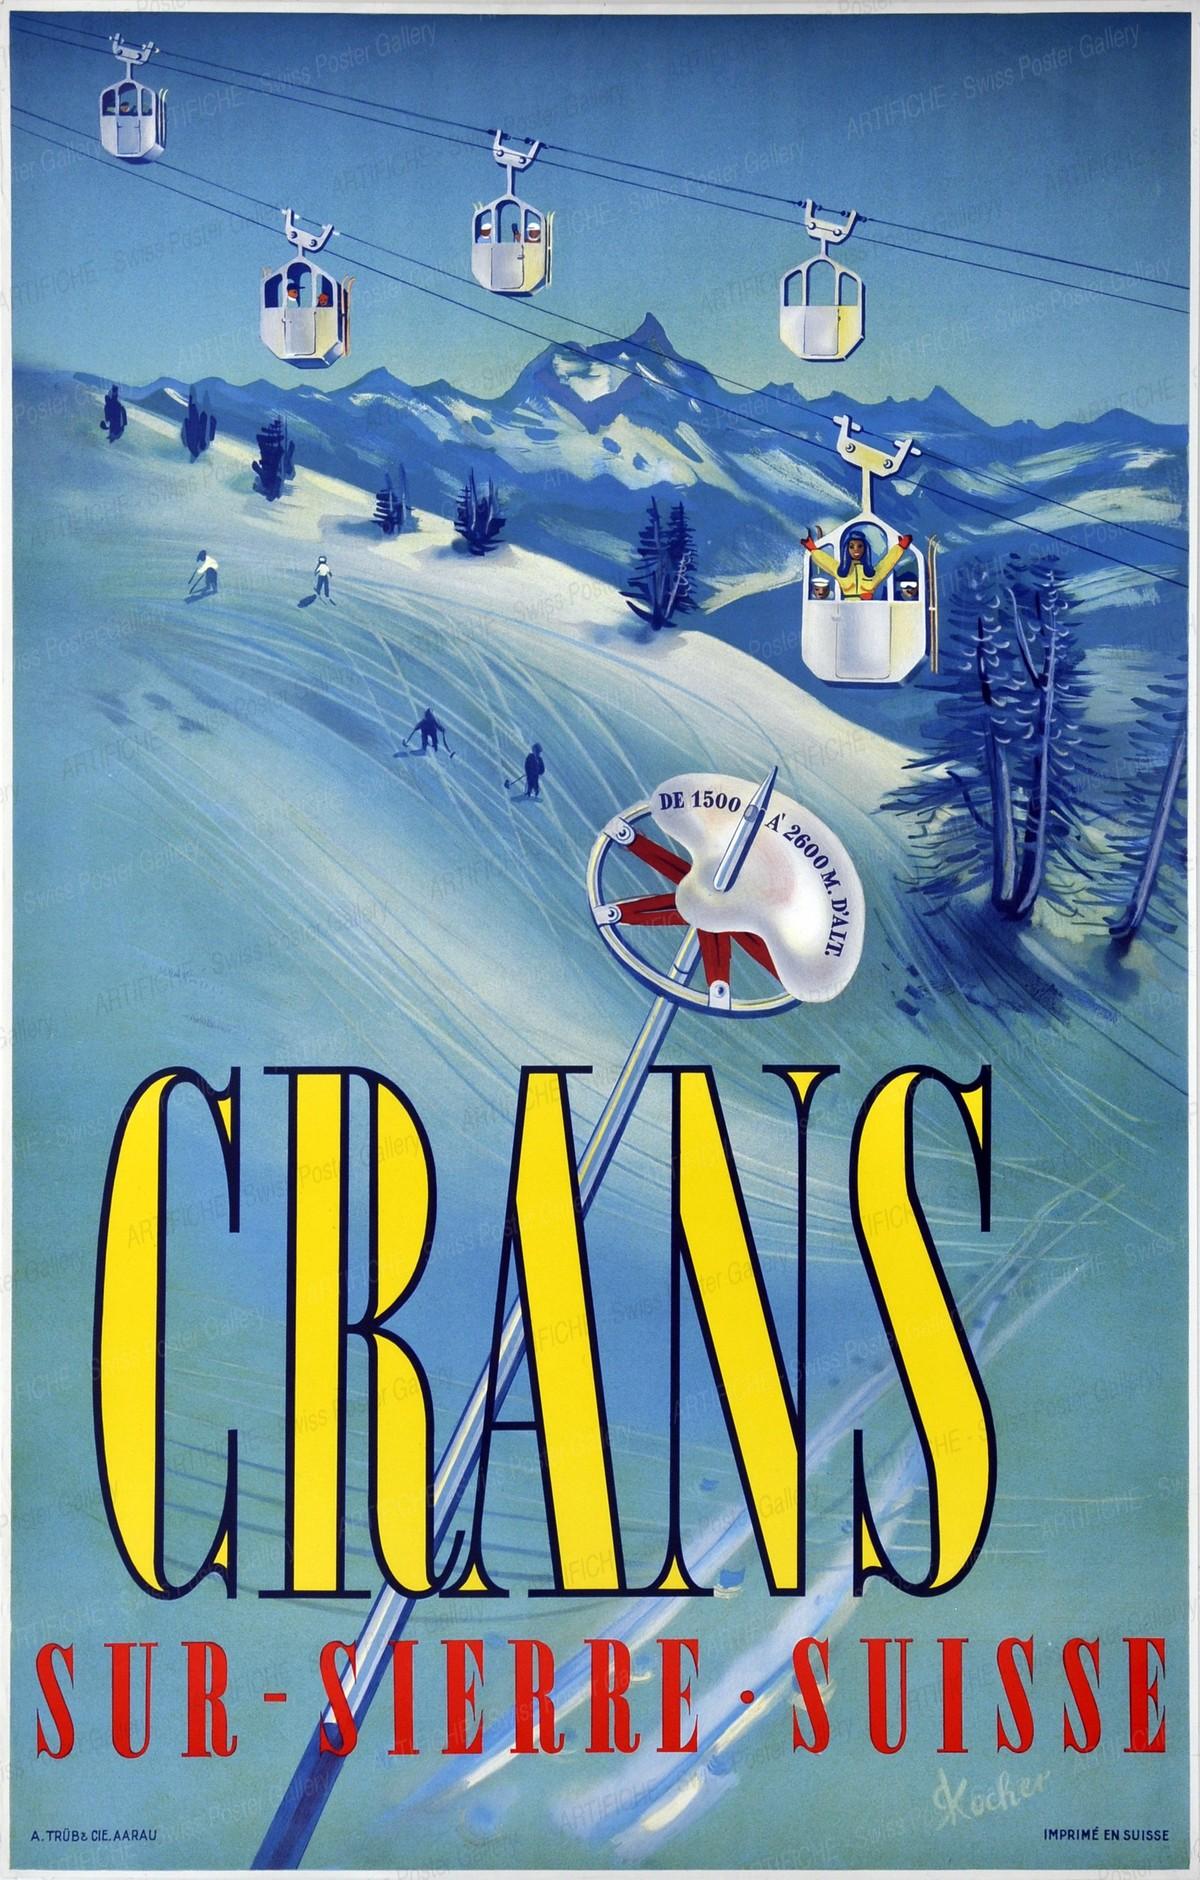 CRANS-SUR-SIERRE SUISSE, Ronald Kocher